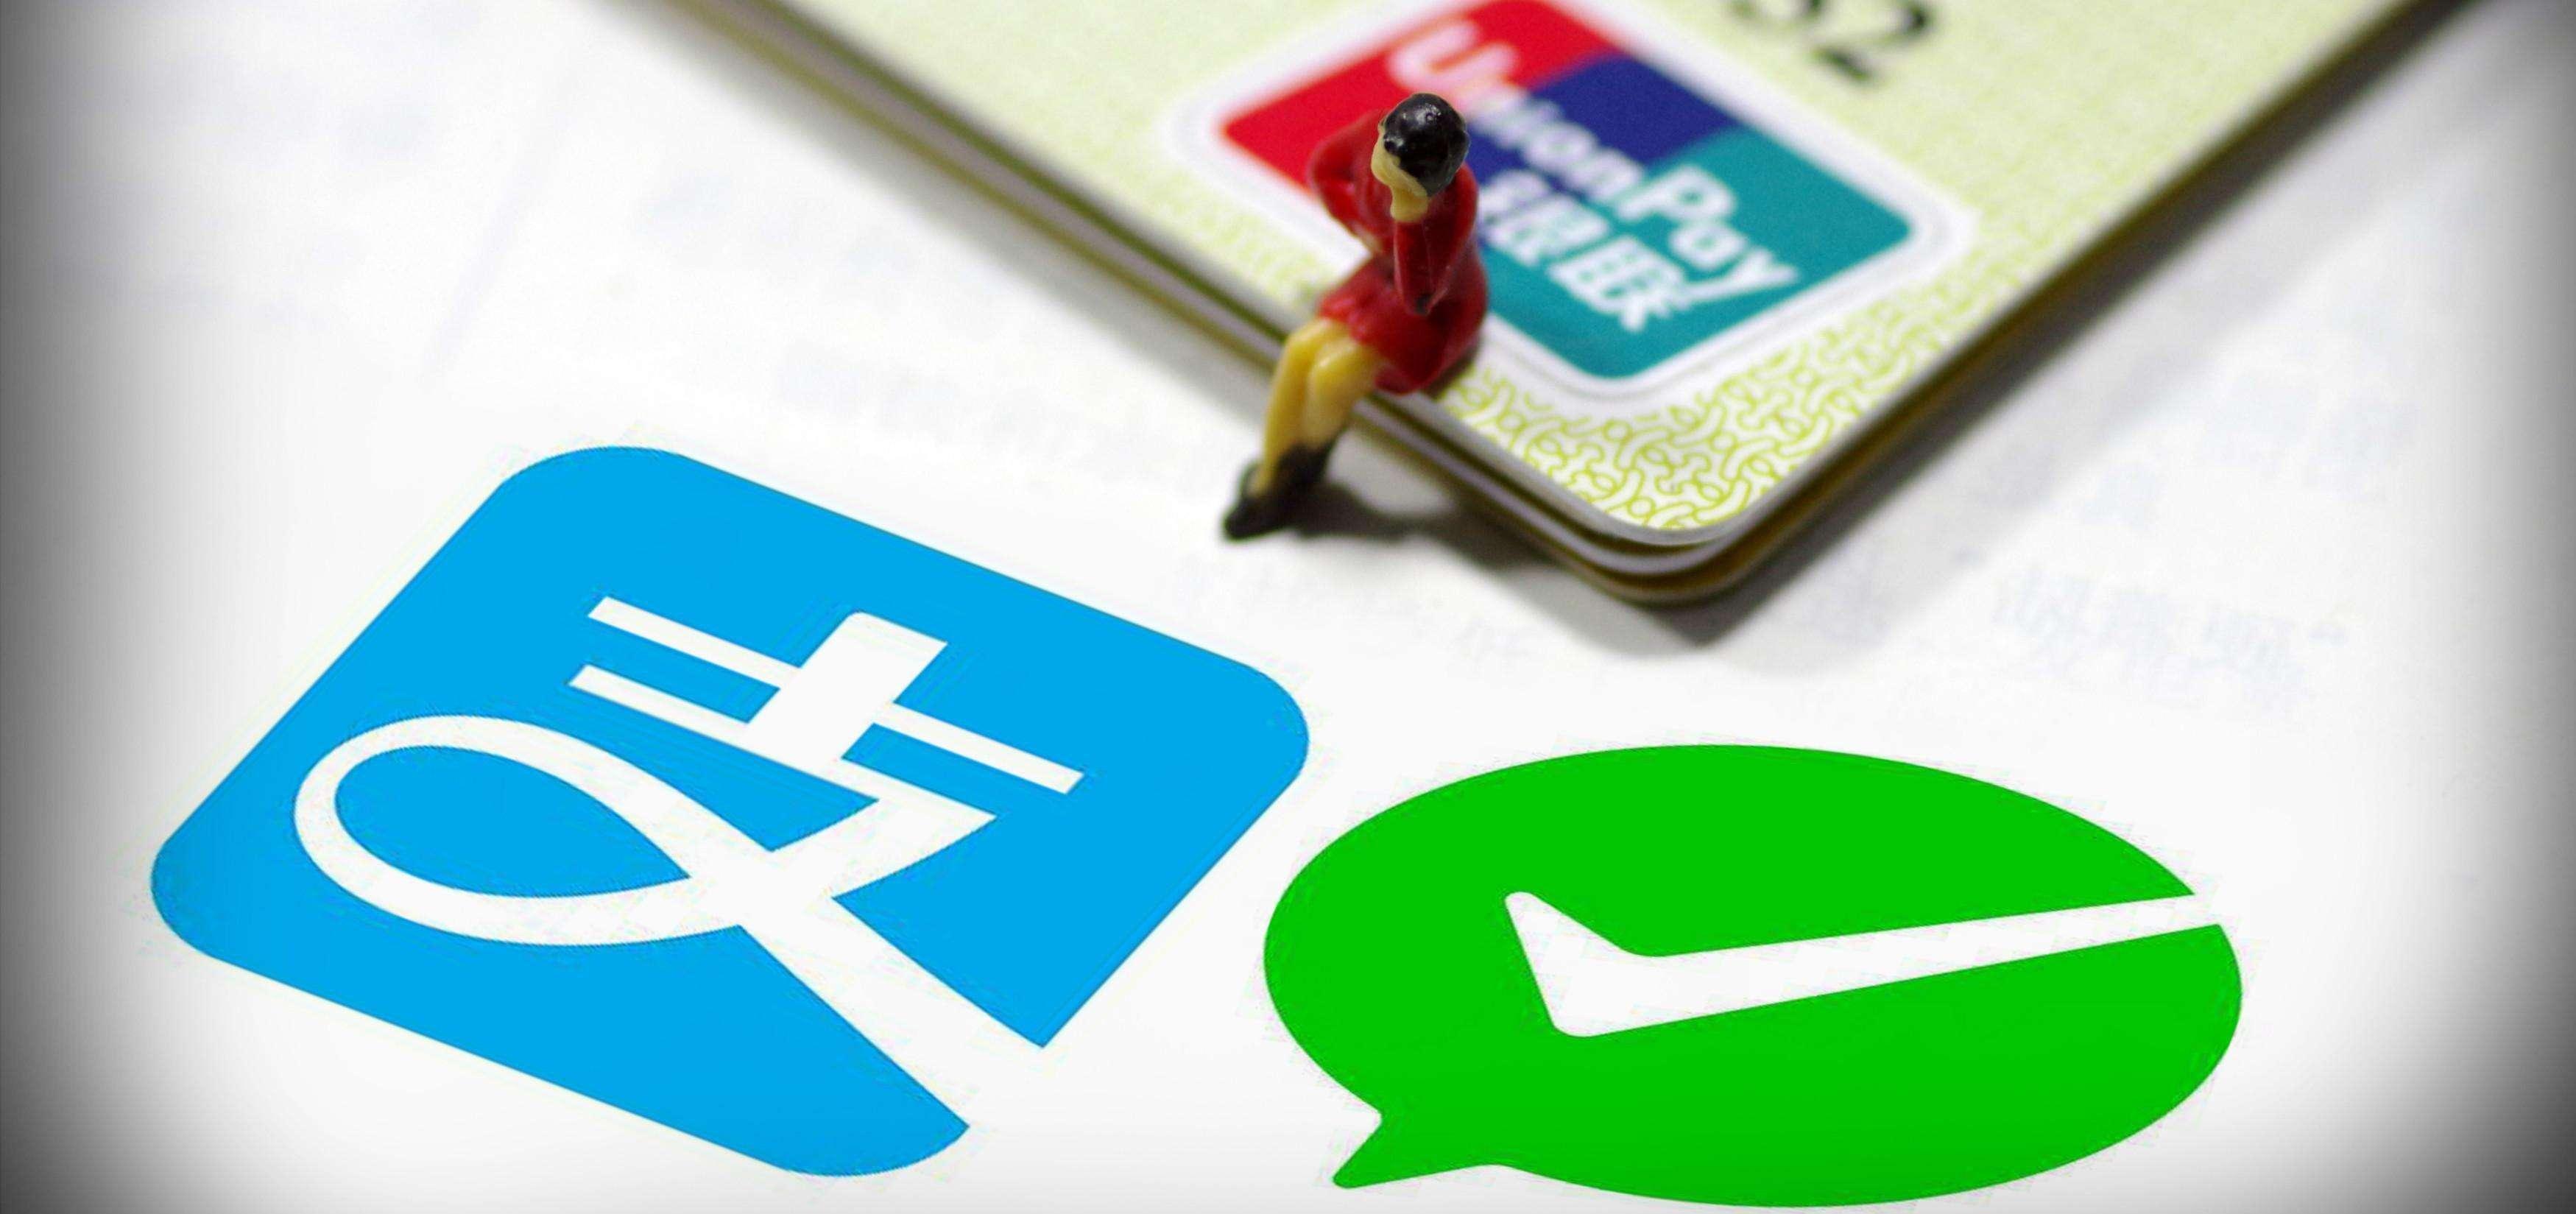 支付宝和微信支付哪个更好用?哪个更方便?